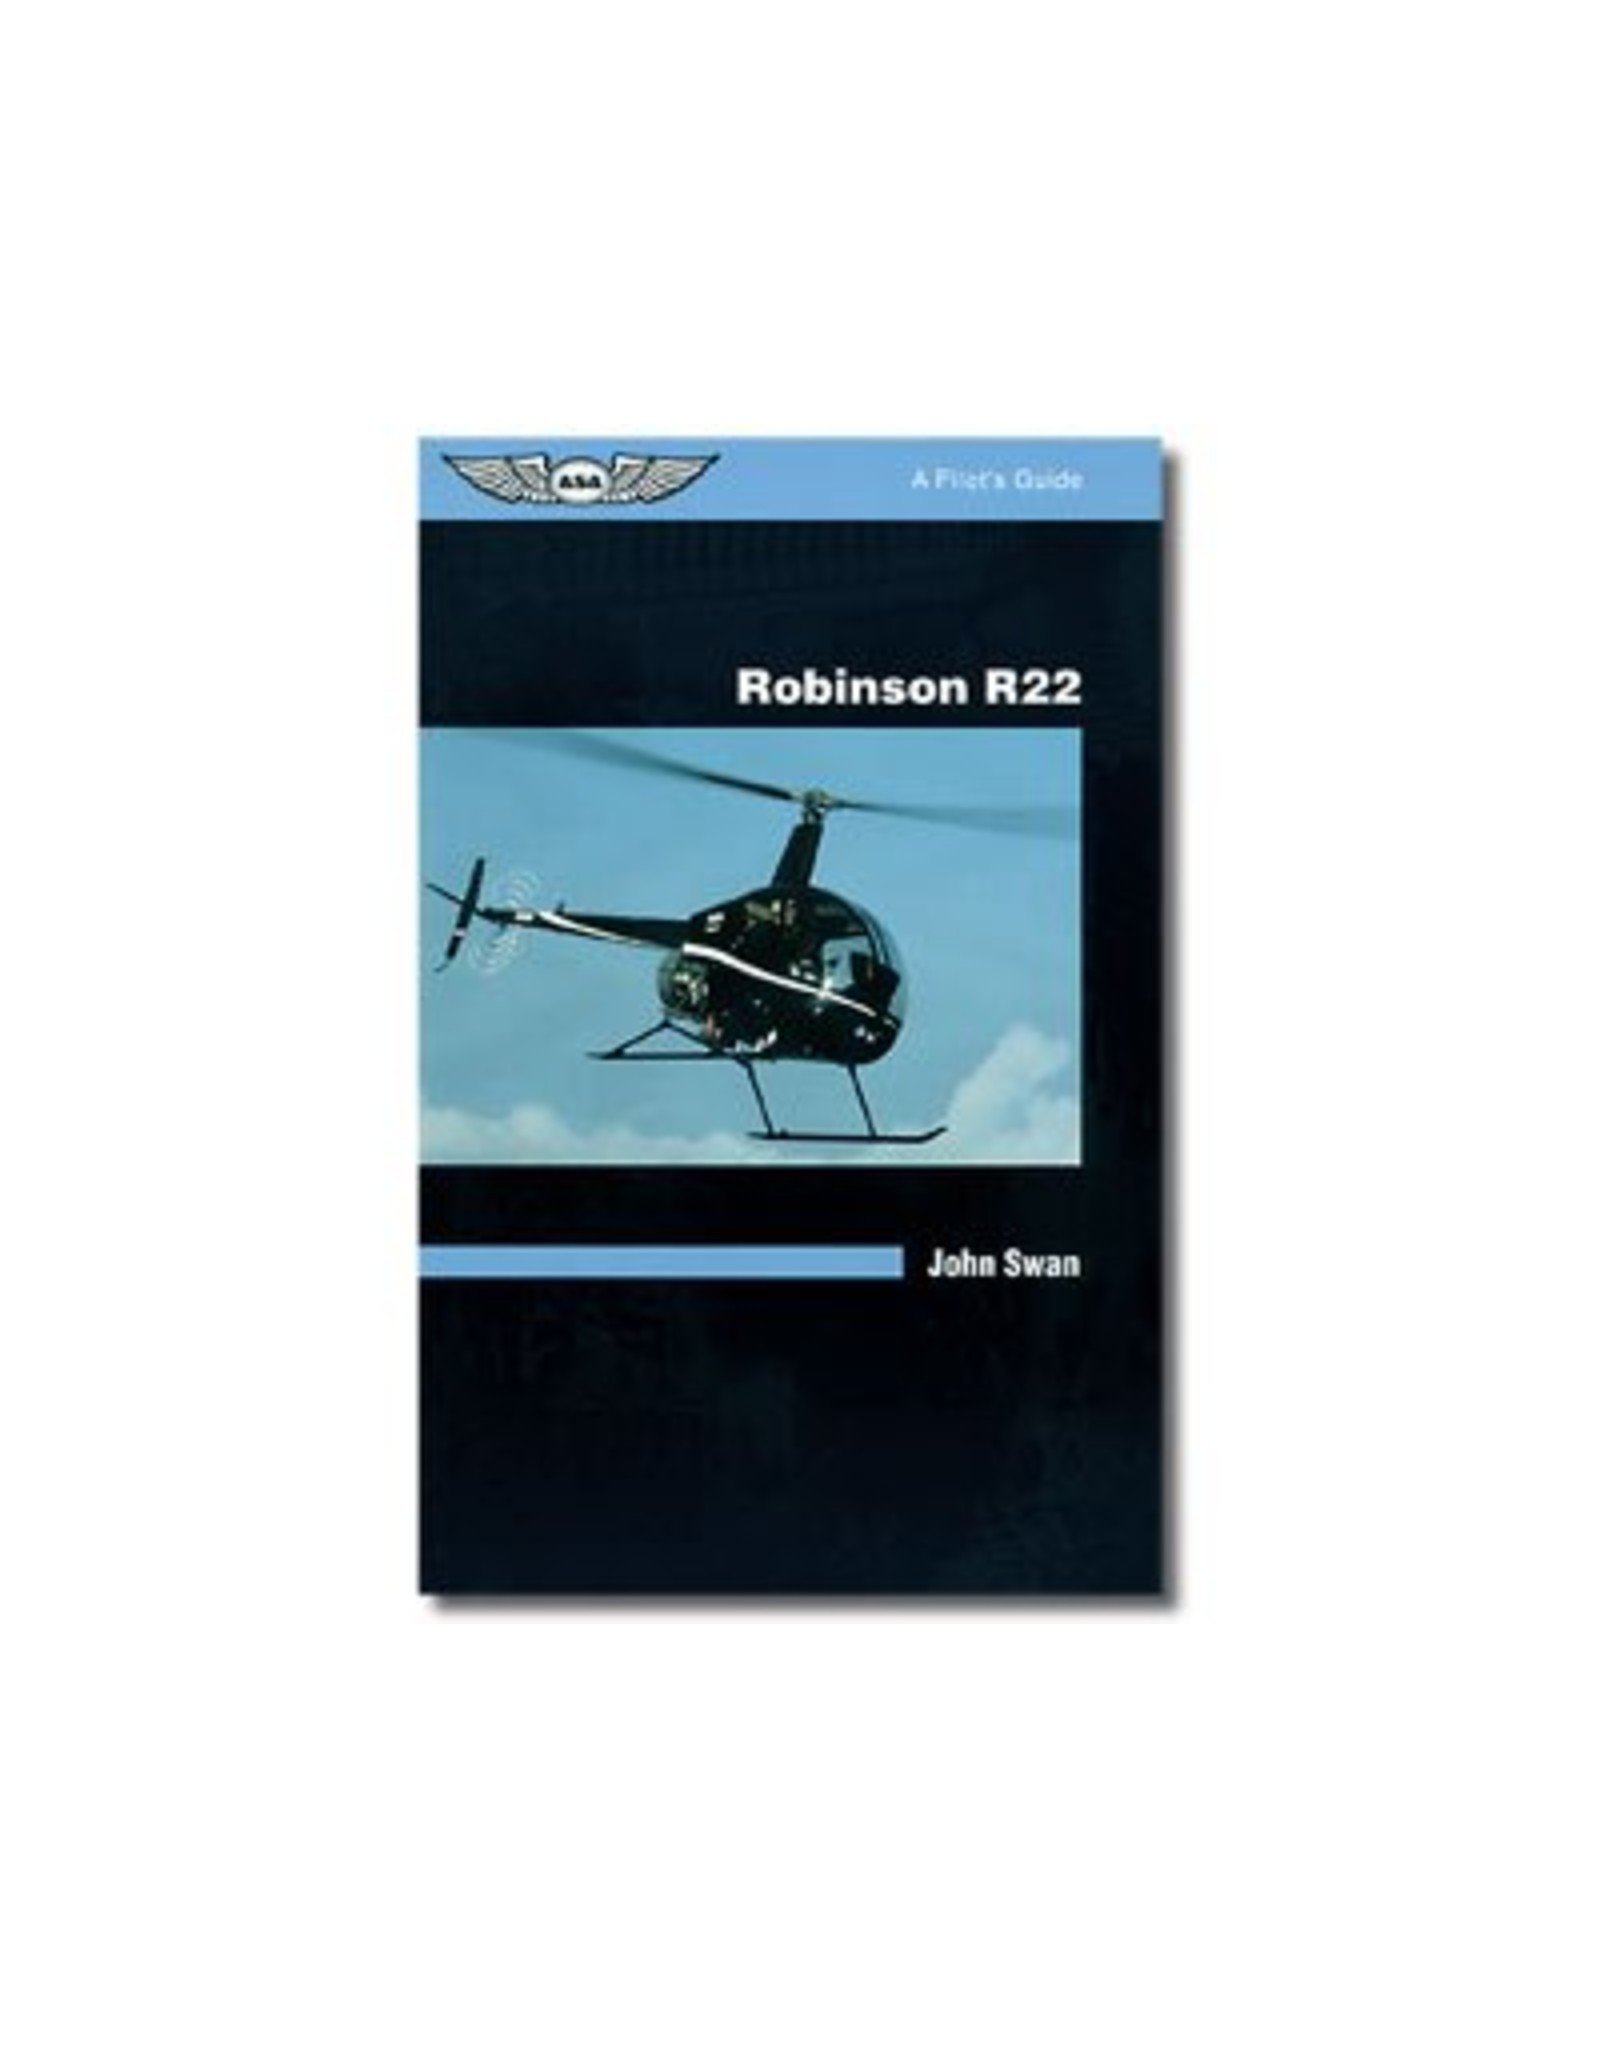 ASA ASA R22 Pilot Guide